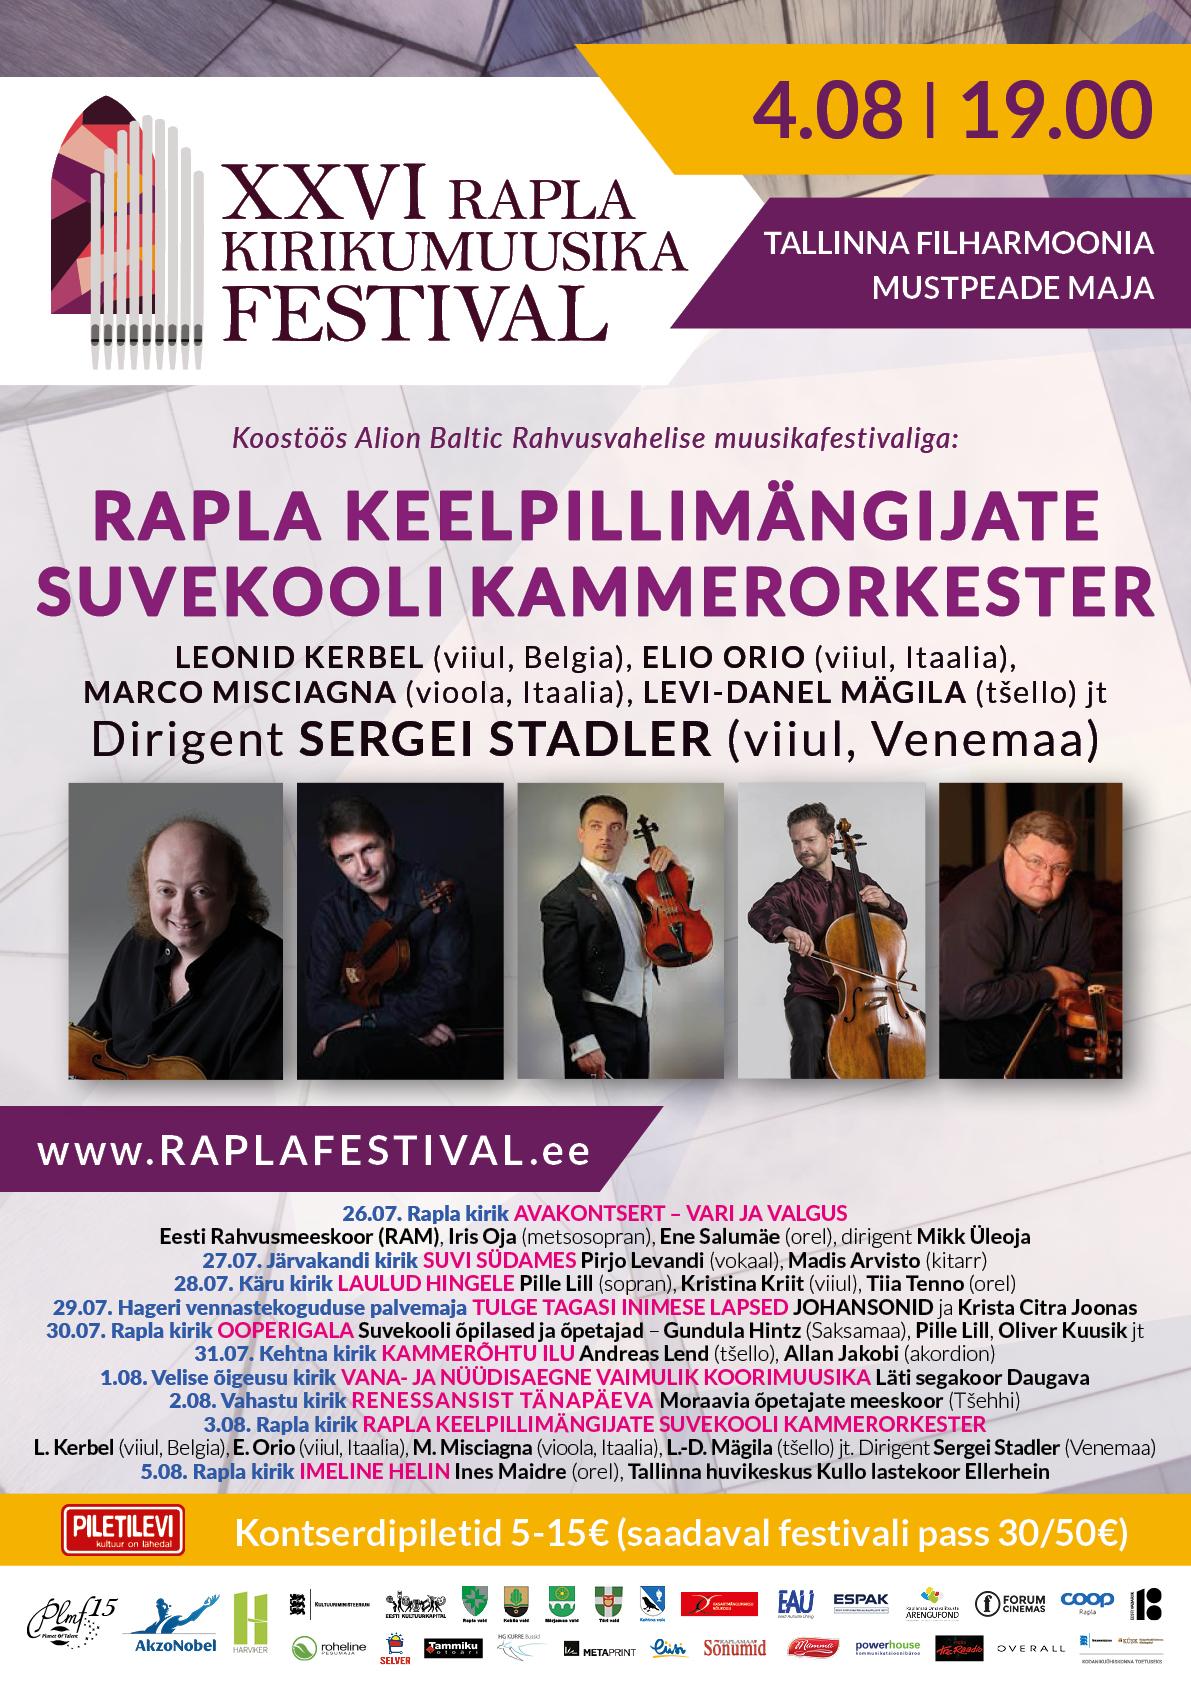 XXVI RAPLA KIRIKUMUUSIKA FESTIVAL ESITLEB: RAPLA KEELPILLIMÄNGIJATE SUVEKOOLI KAMMERORKESTER